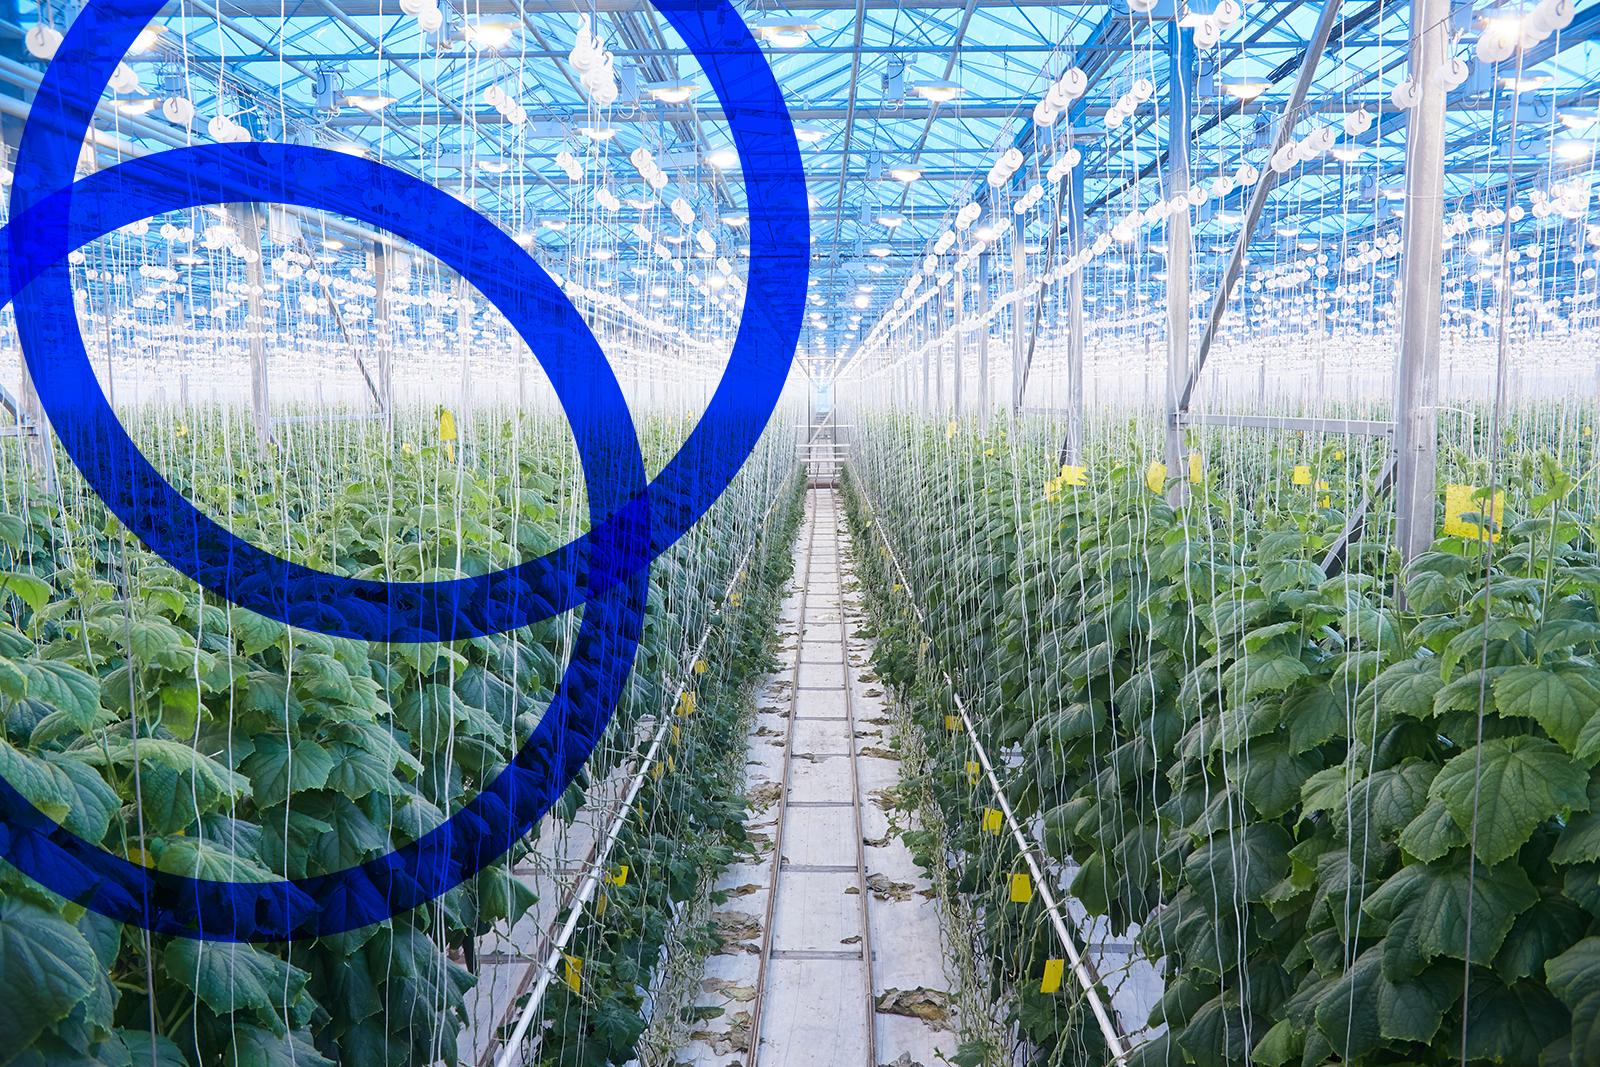 Cucumbers in Greenhouse